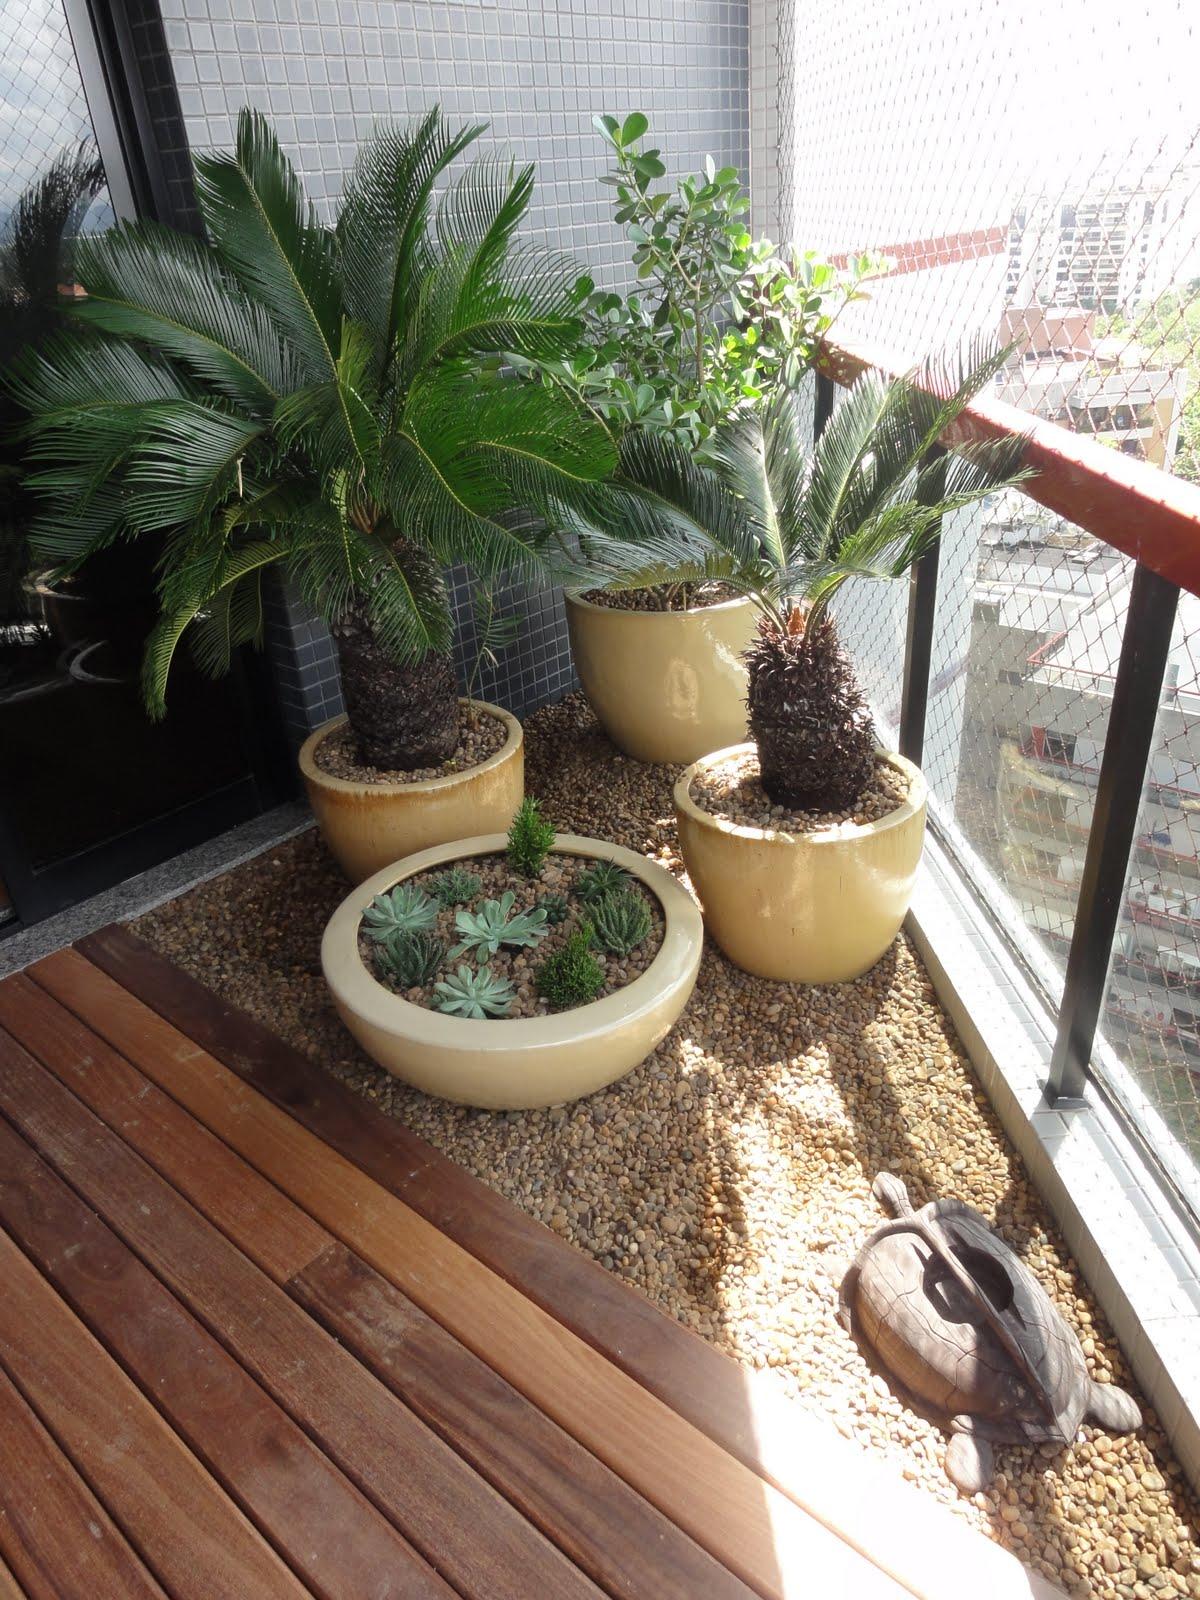 As arvores que melhor fica dentro de vazo são palmeira,bambu, entre